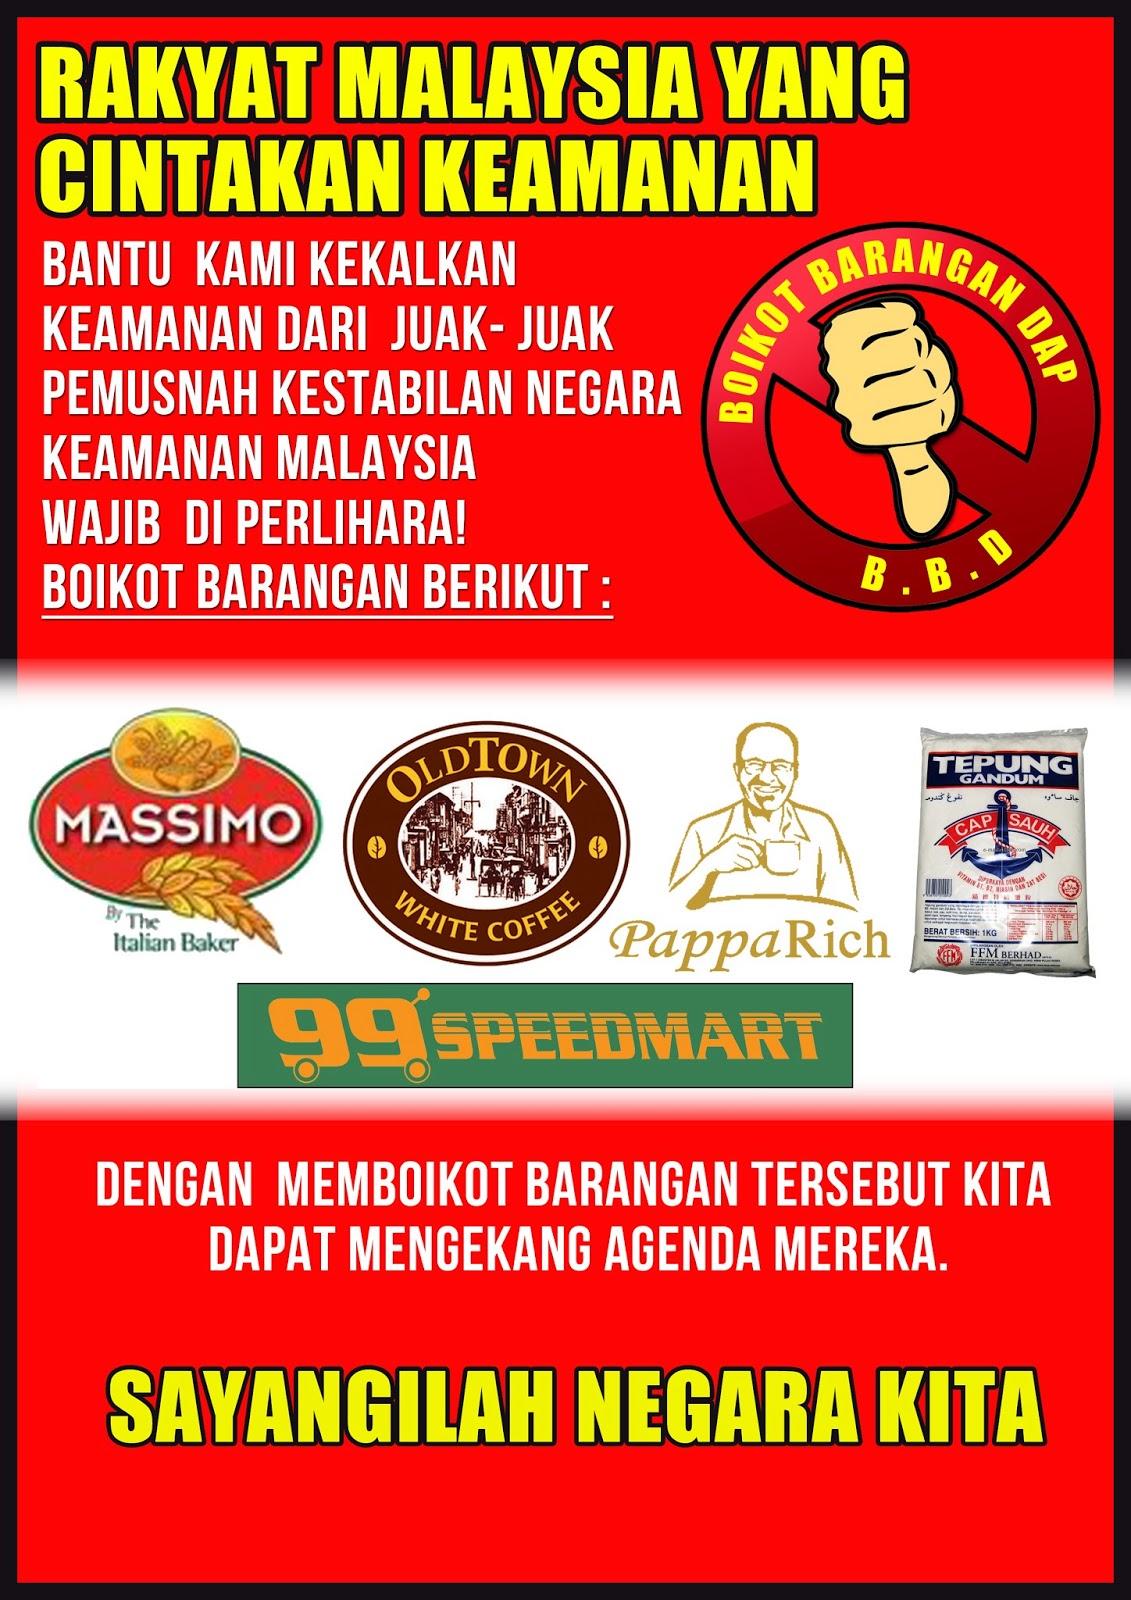 The call to boycott chinese products umno against malaysia selama 50 tahun sebagai contoh kerajaan memberi monopoli kepada sebuah syarikat yang membekalkan tepung namun selepas diberi kepada syarikat melayuislam spiritdancerdesigns Choice Image